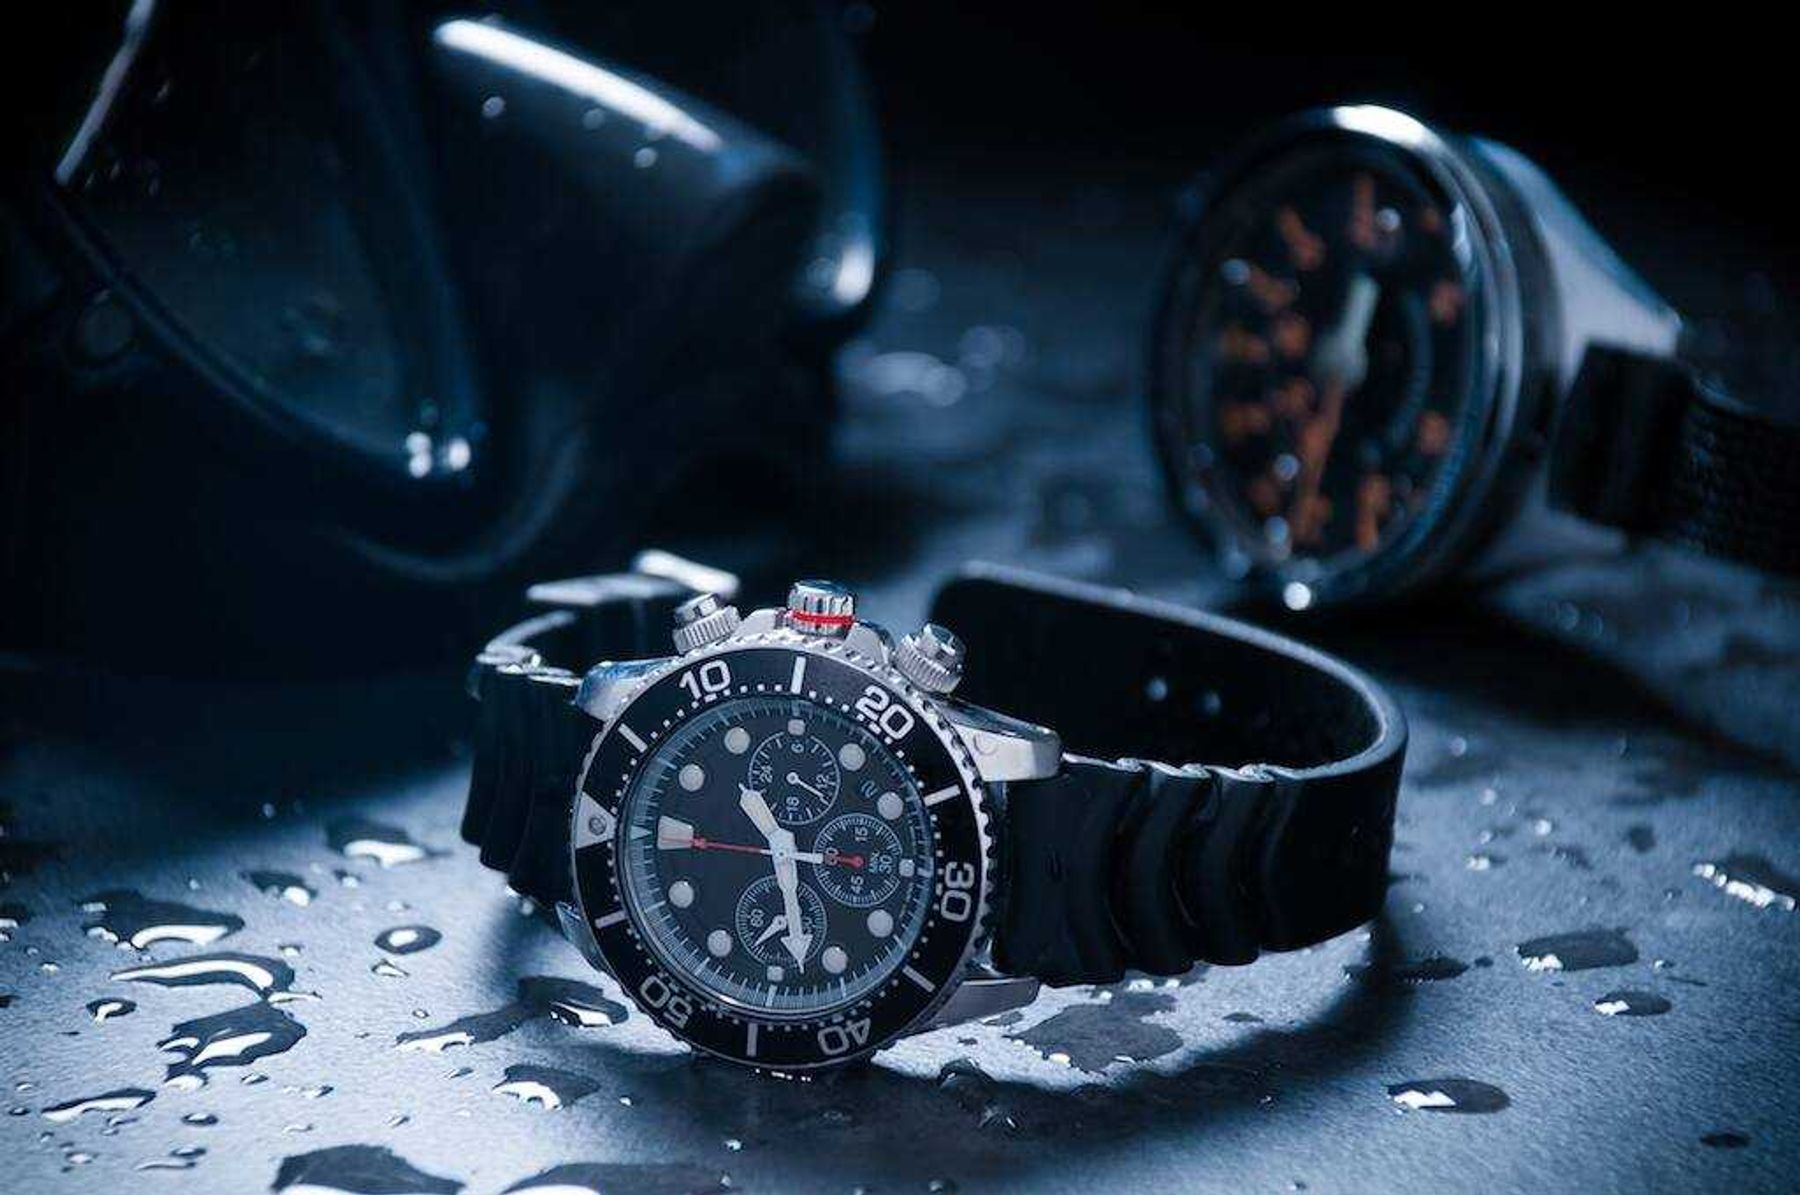 Tặng đồng hồ cho bạn trai